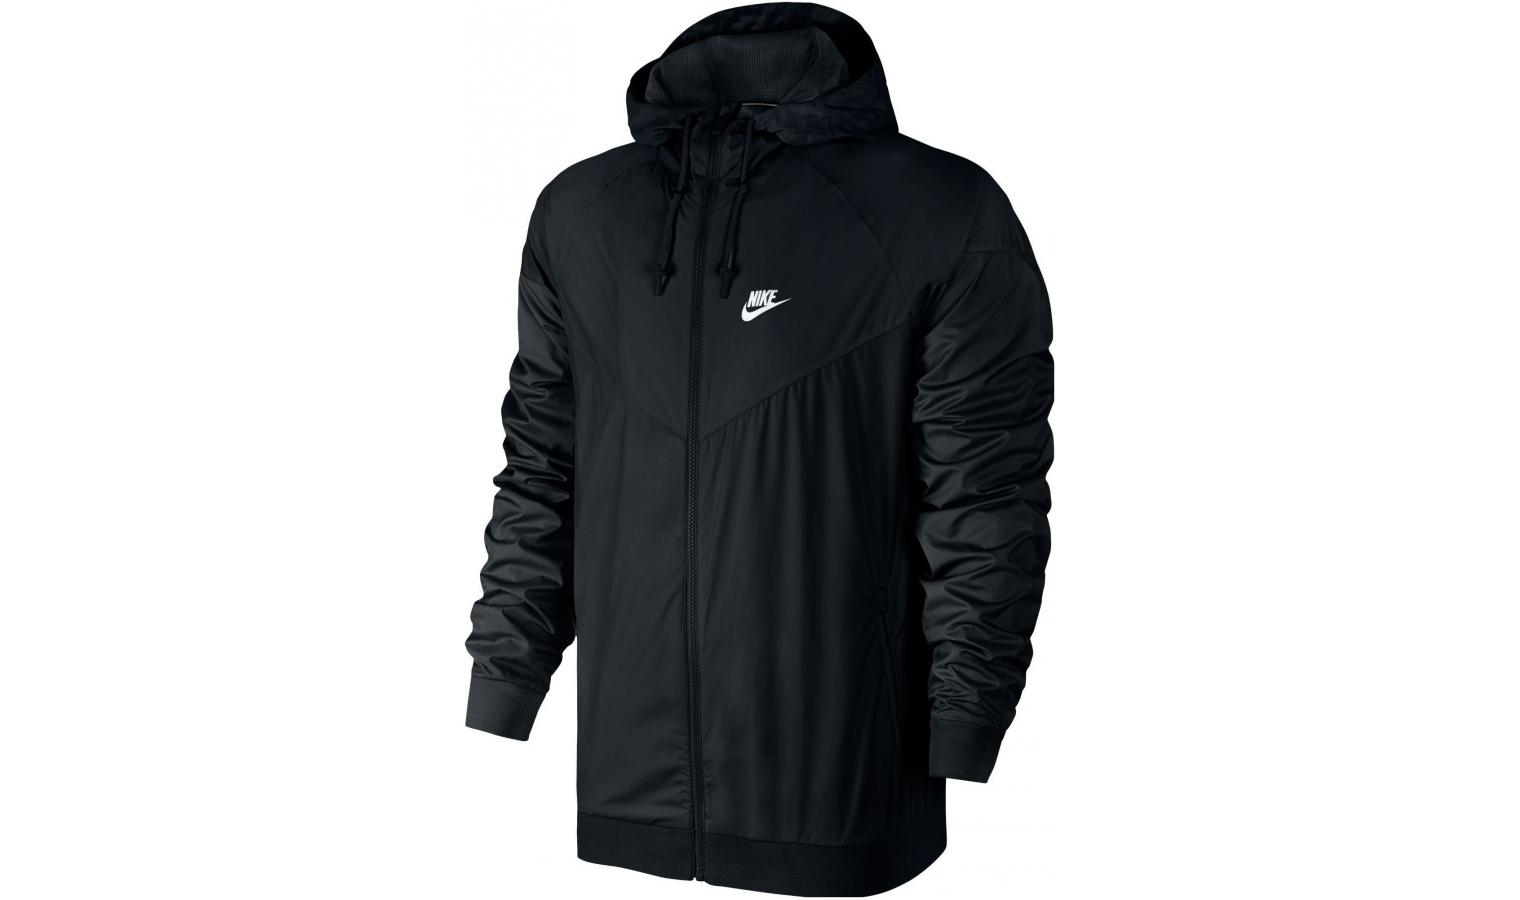 82b2e24d7adc Pánska bunda Nike WINDRUNNER čierna